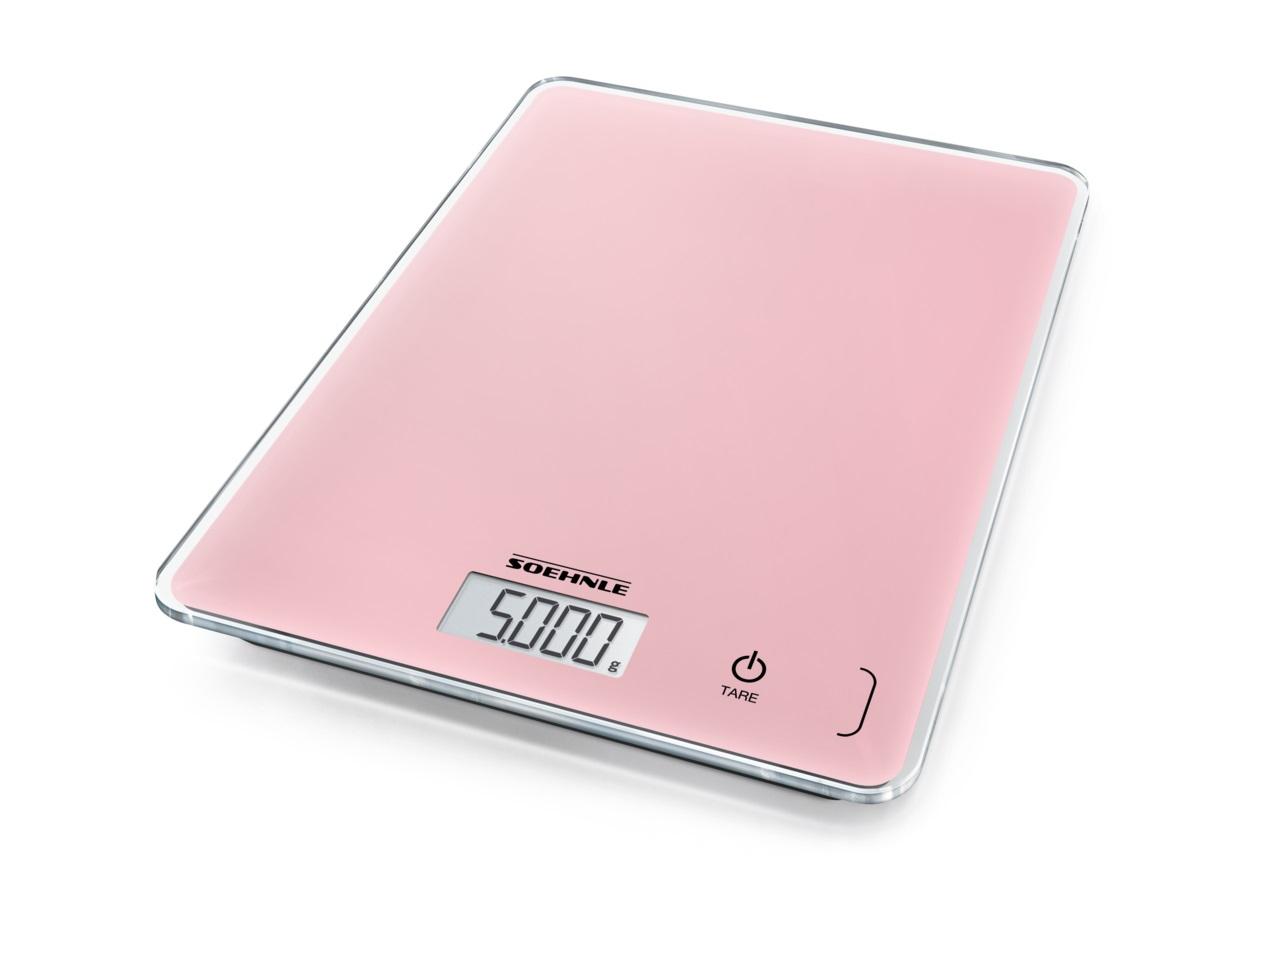 Soehnle Digitální kuchyňská váha Page Compact 300 Delicate Rosé 61512